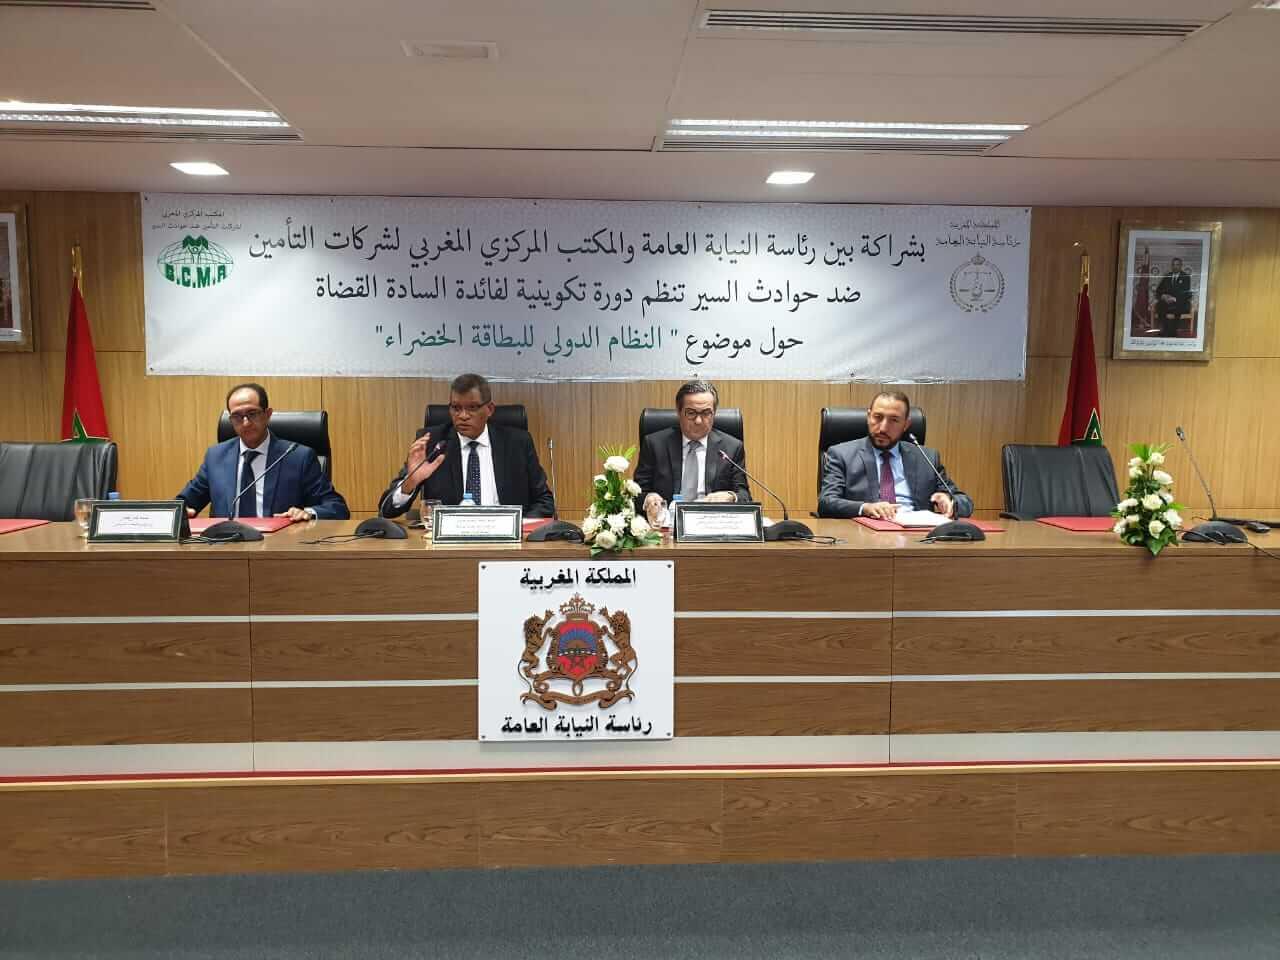 تنظيم دورة تكوينية للقضاة حول نظام البطاقة الخضراء الدولية للتأمين